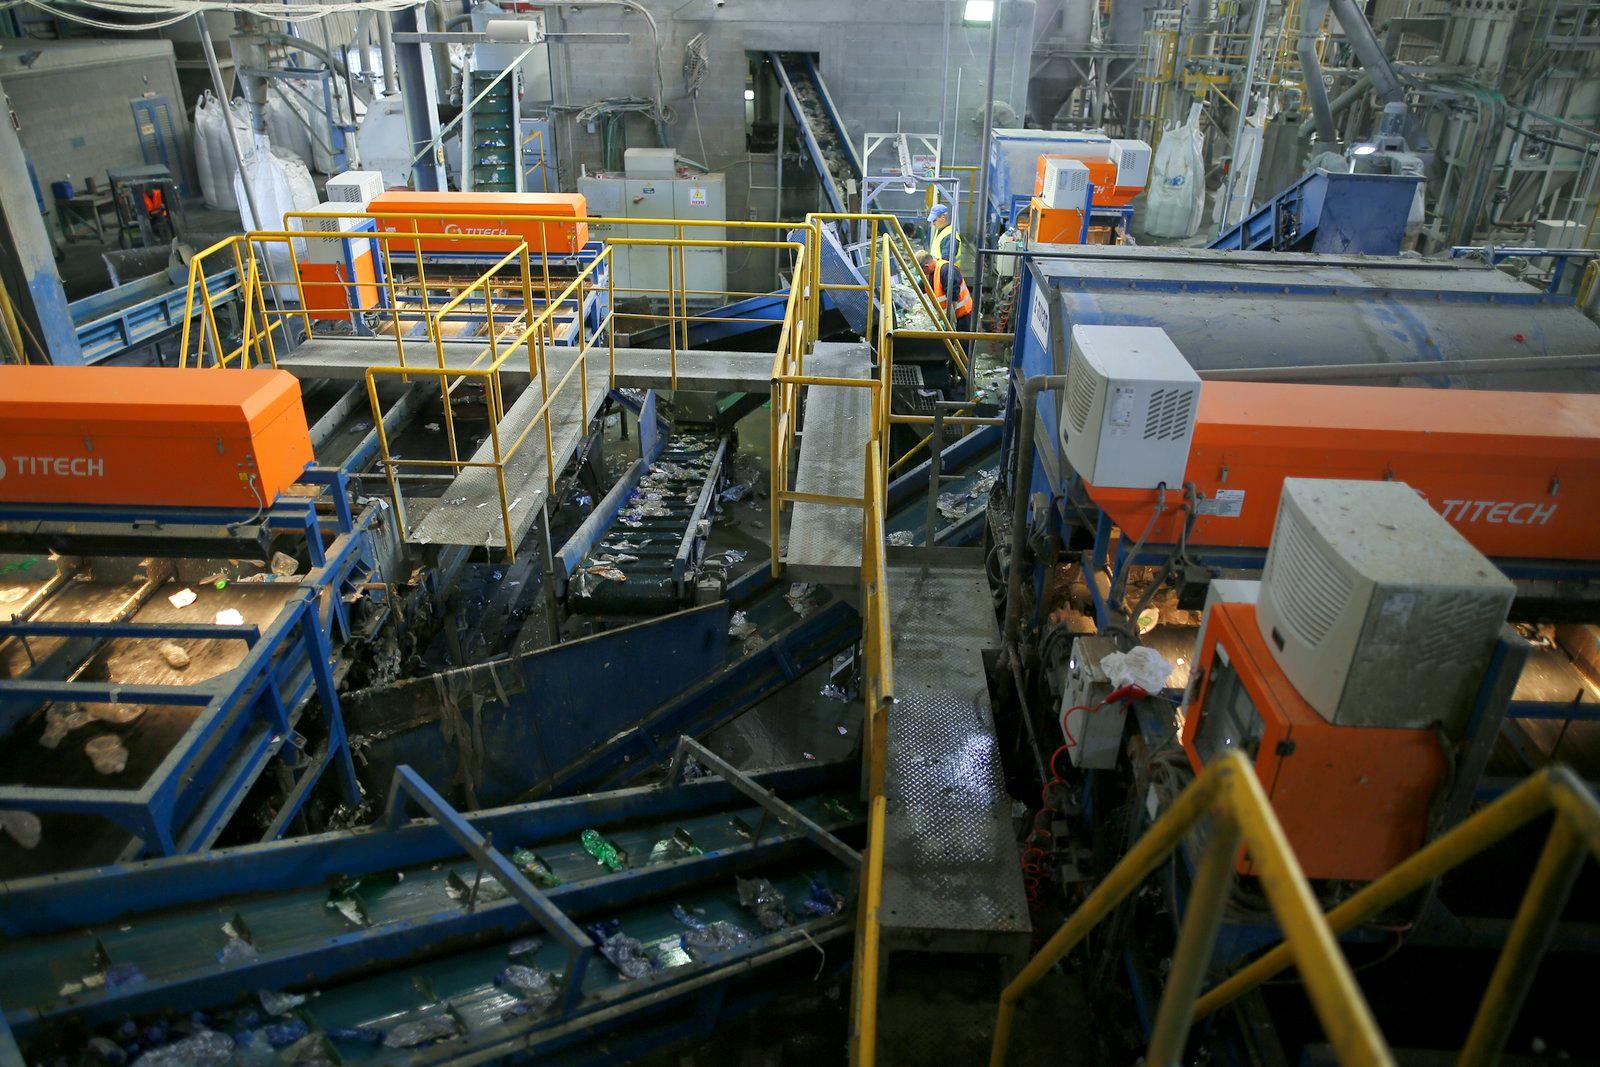 מכונות טיטק מלמעלה רחב 2.JPG